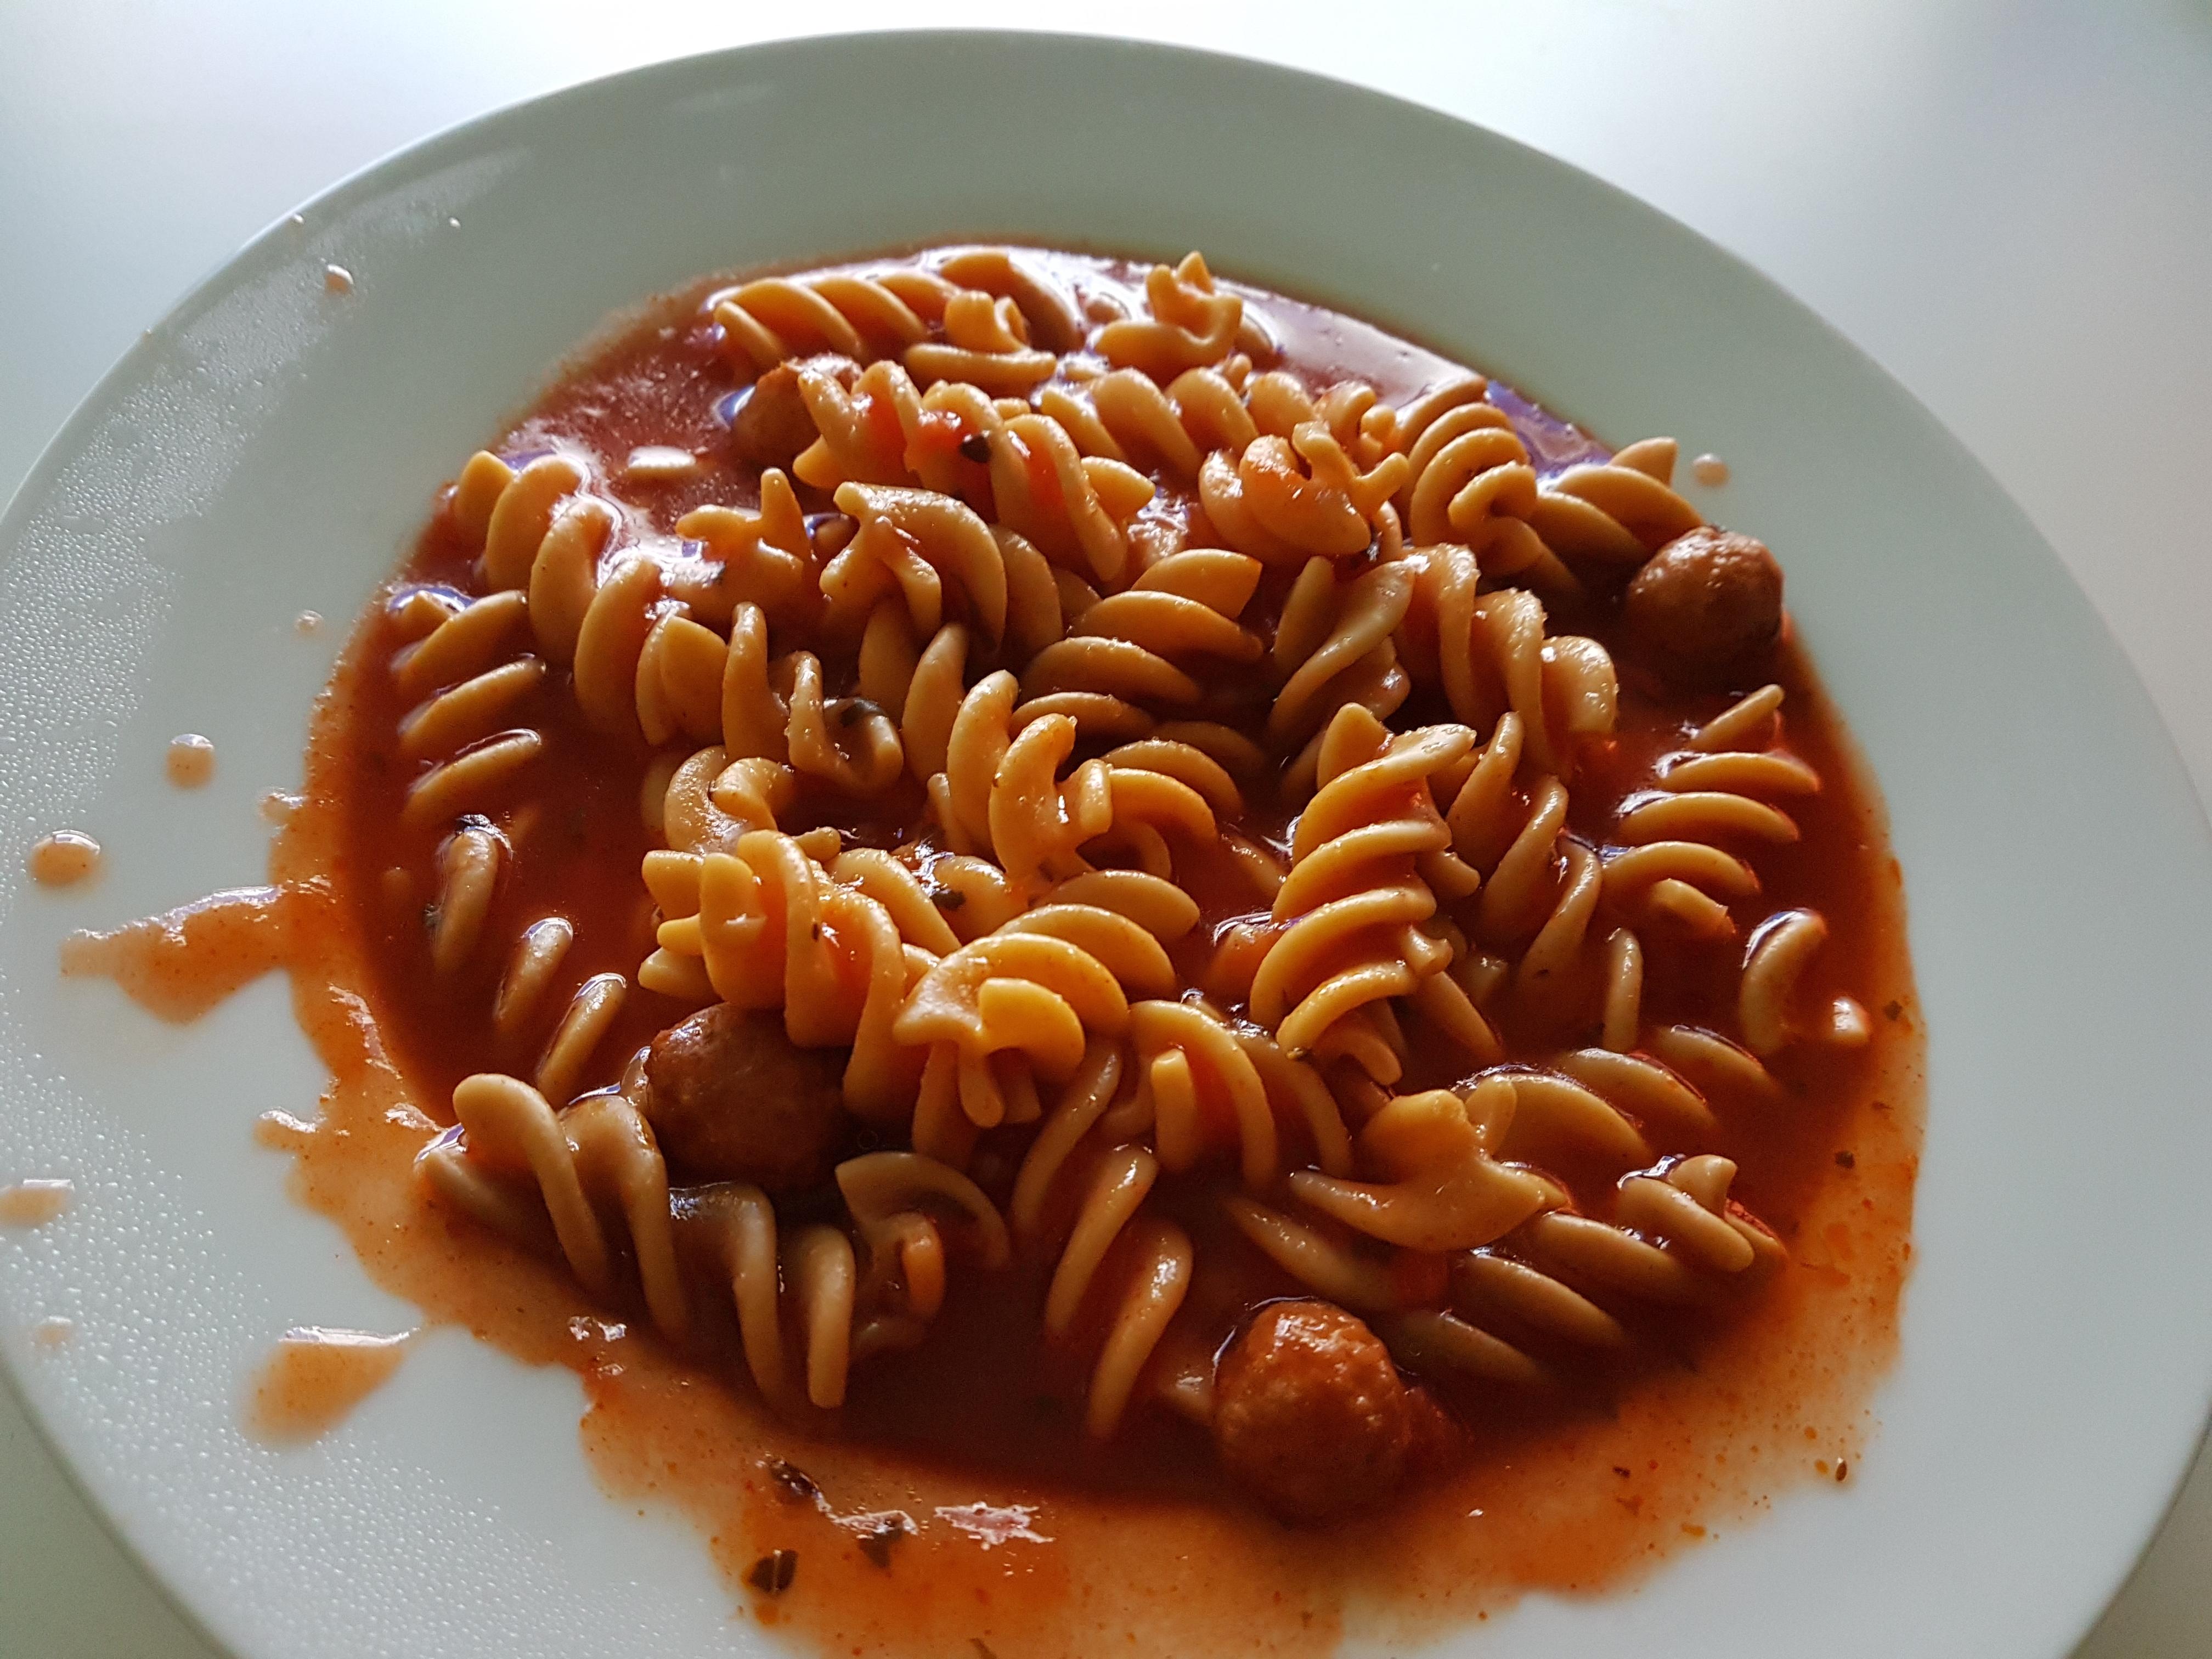 http://foodloader.net/Holz_2017-08-23_Nudeln.jpg